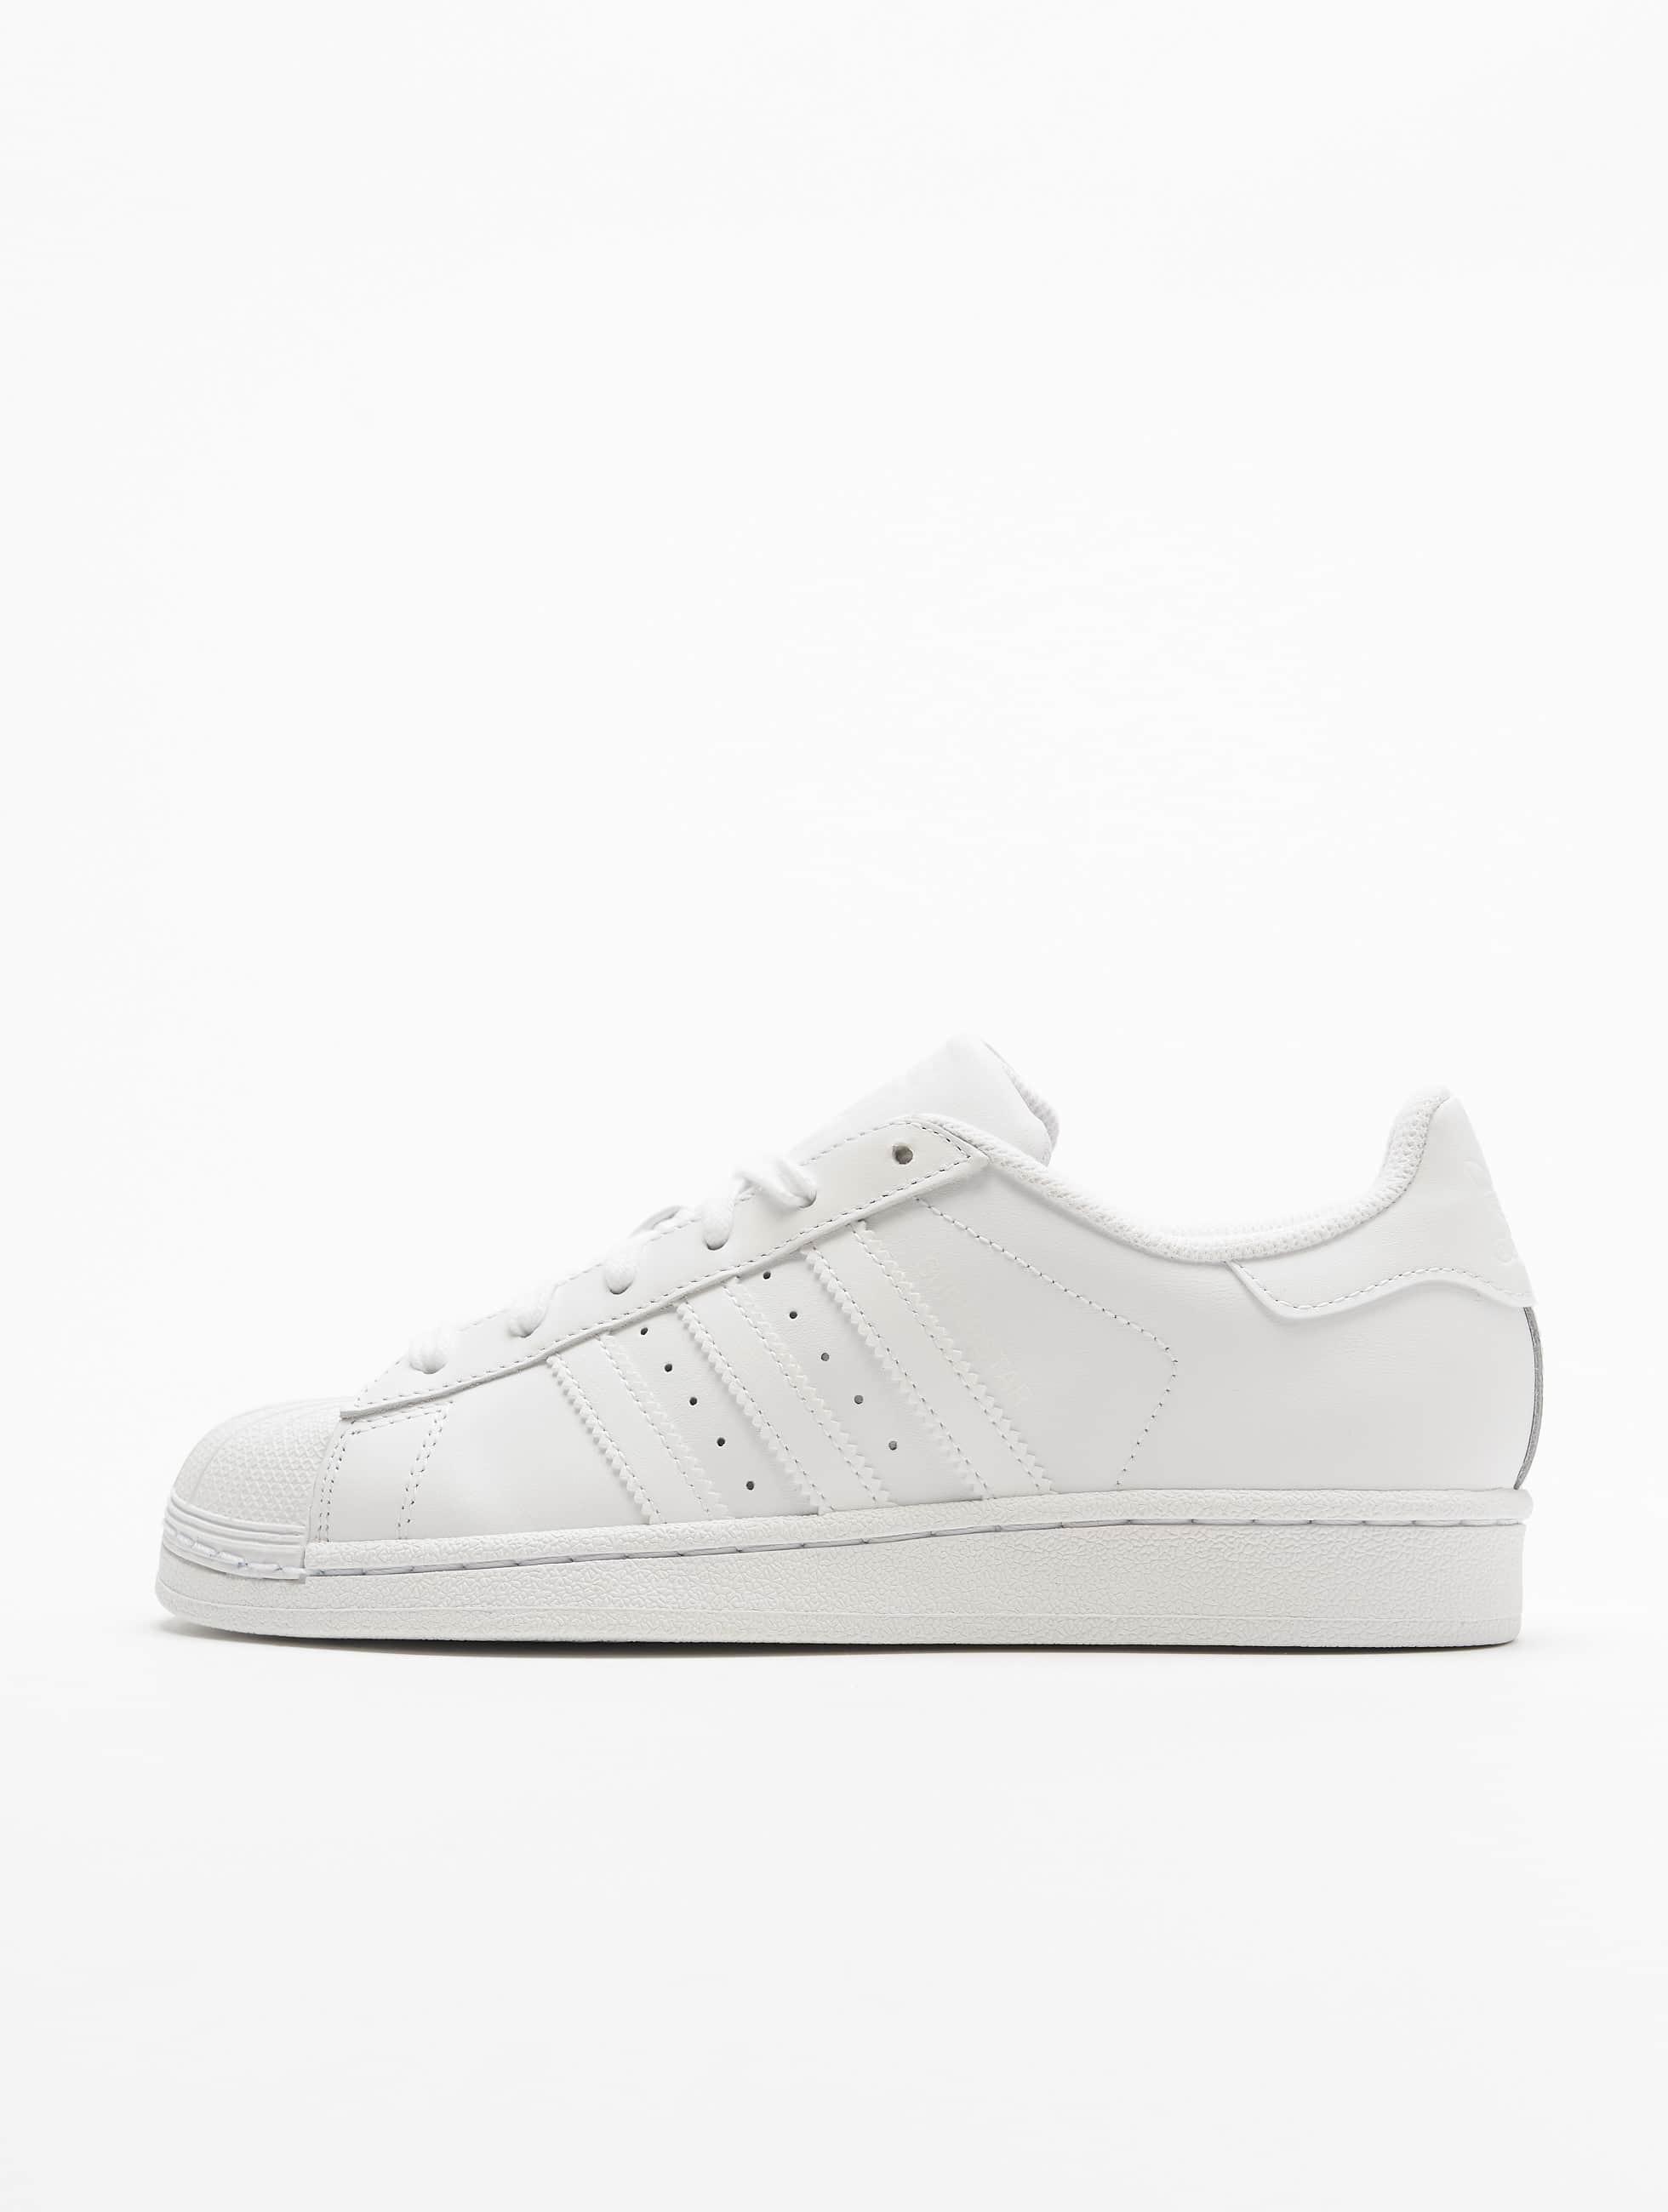 adidas Sleek W Collegiate Navy Collegiate Navy Crystal White | Footshop